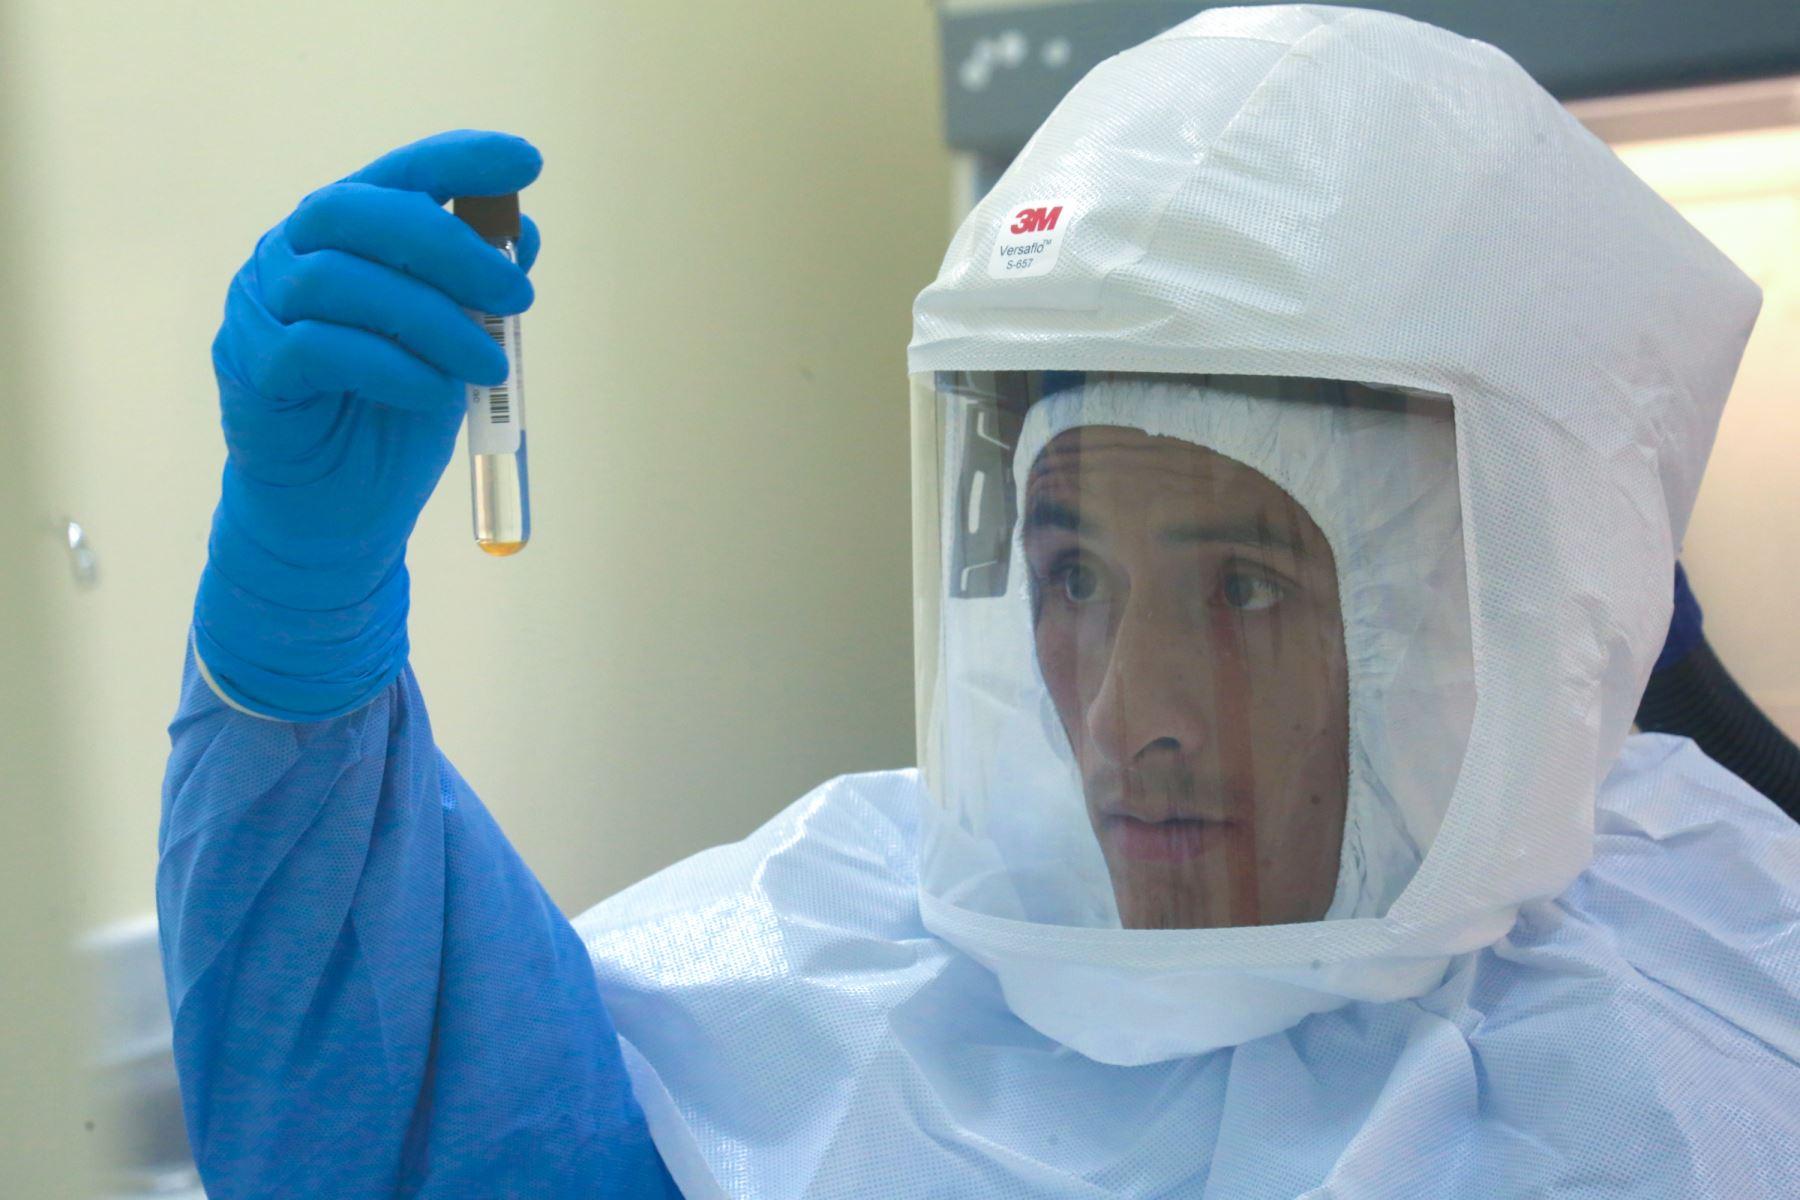 Ministerio de Salud (Minsa), a través del Instituto Nacional de Salud (INS), está preparado para implementar diagnóstico  del nuevo coronavirus que se propaga en China. Foto: Difusión Ministerio de Salud